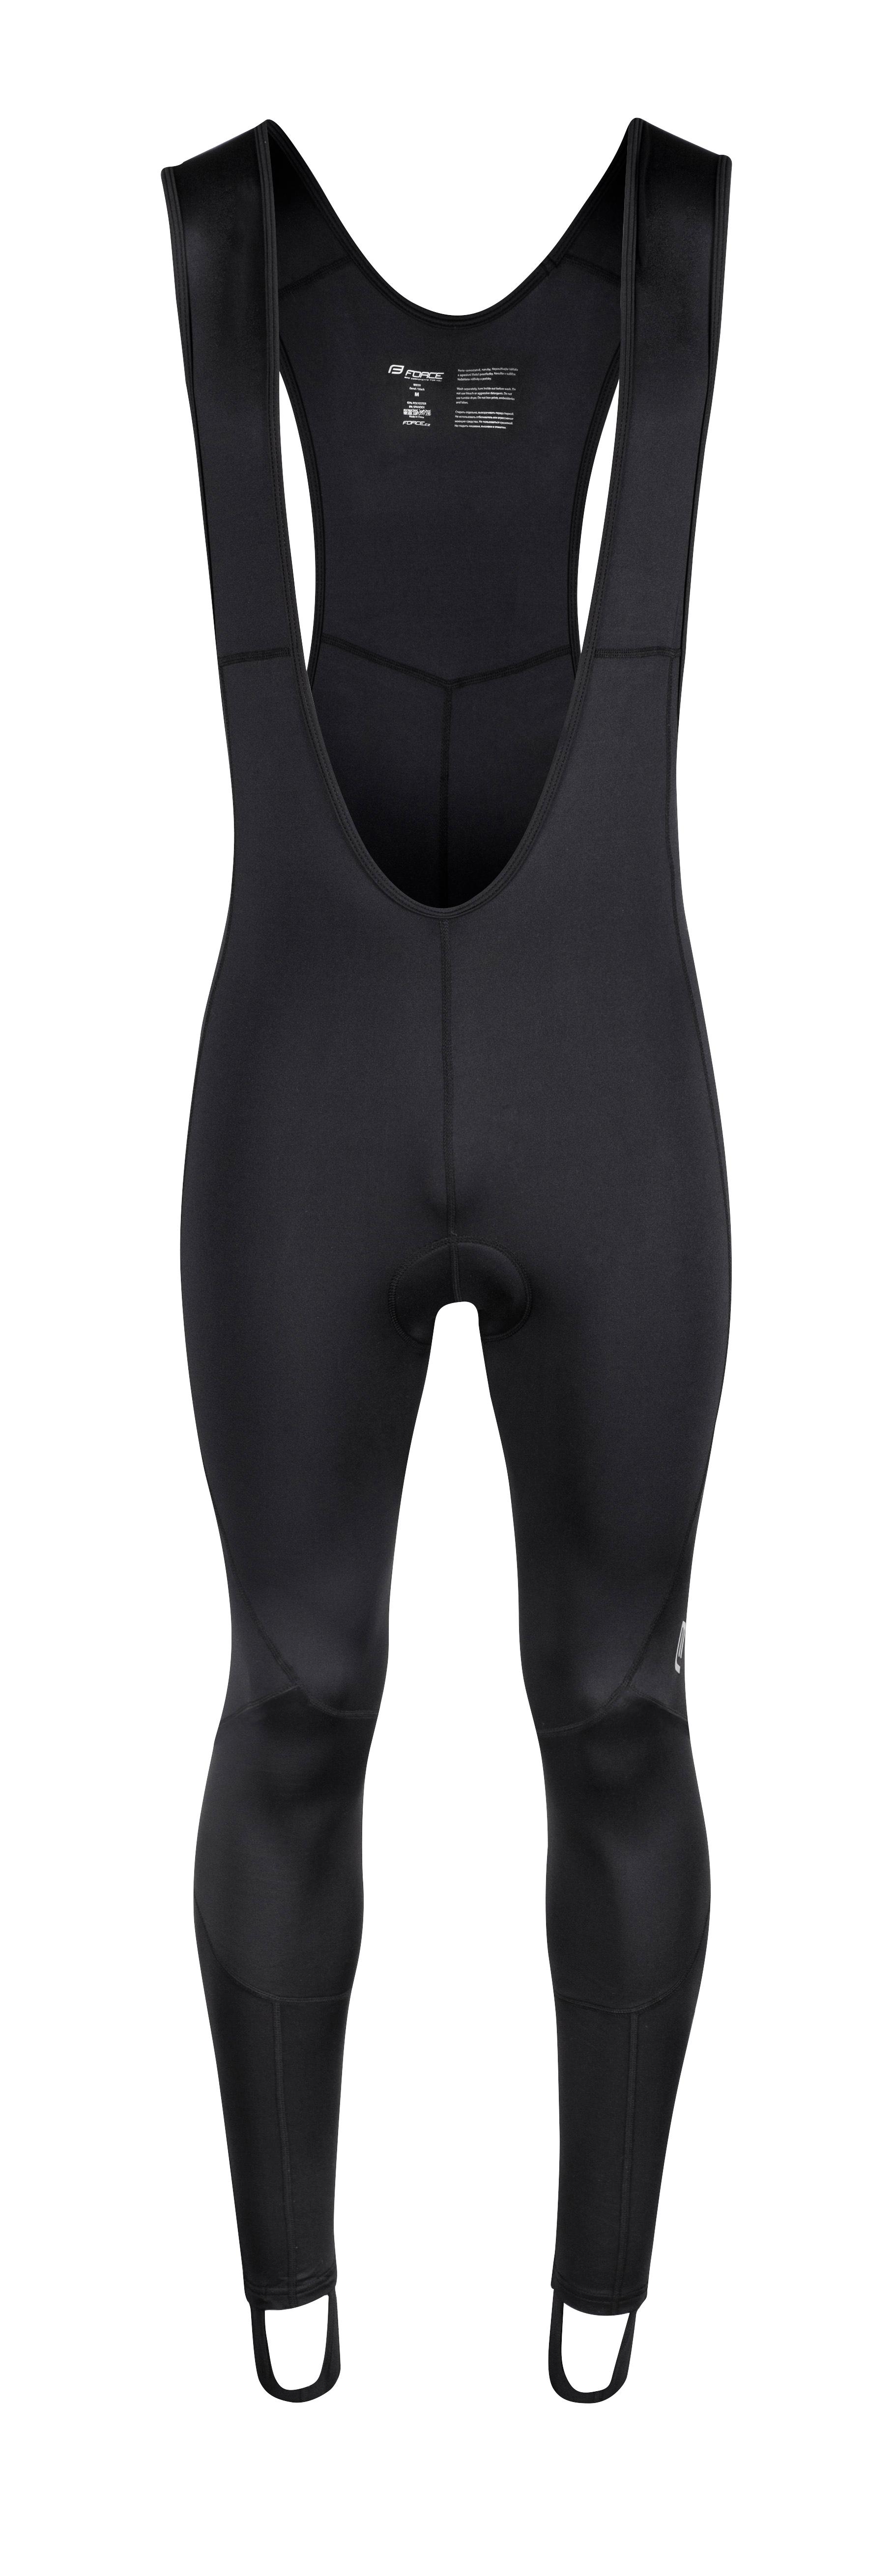 kalhoty FORCE Z68 se šráky a vložkou, černé L